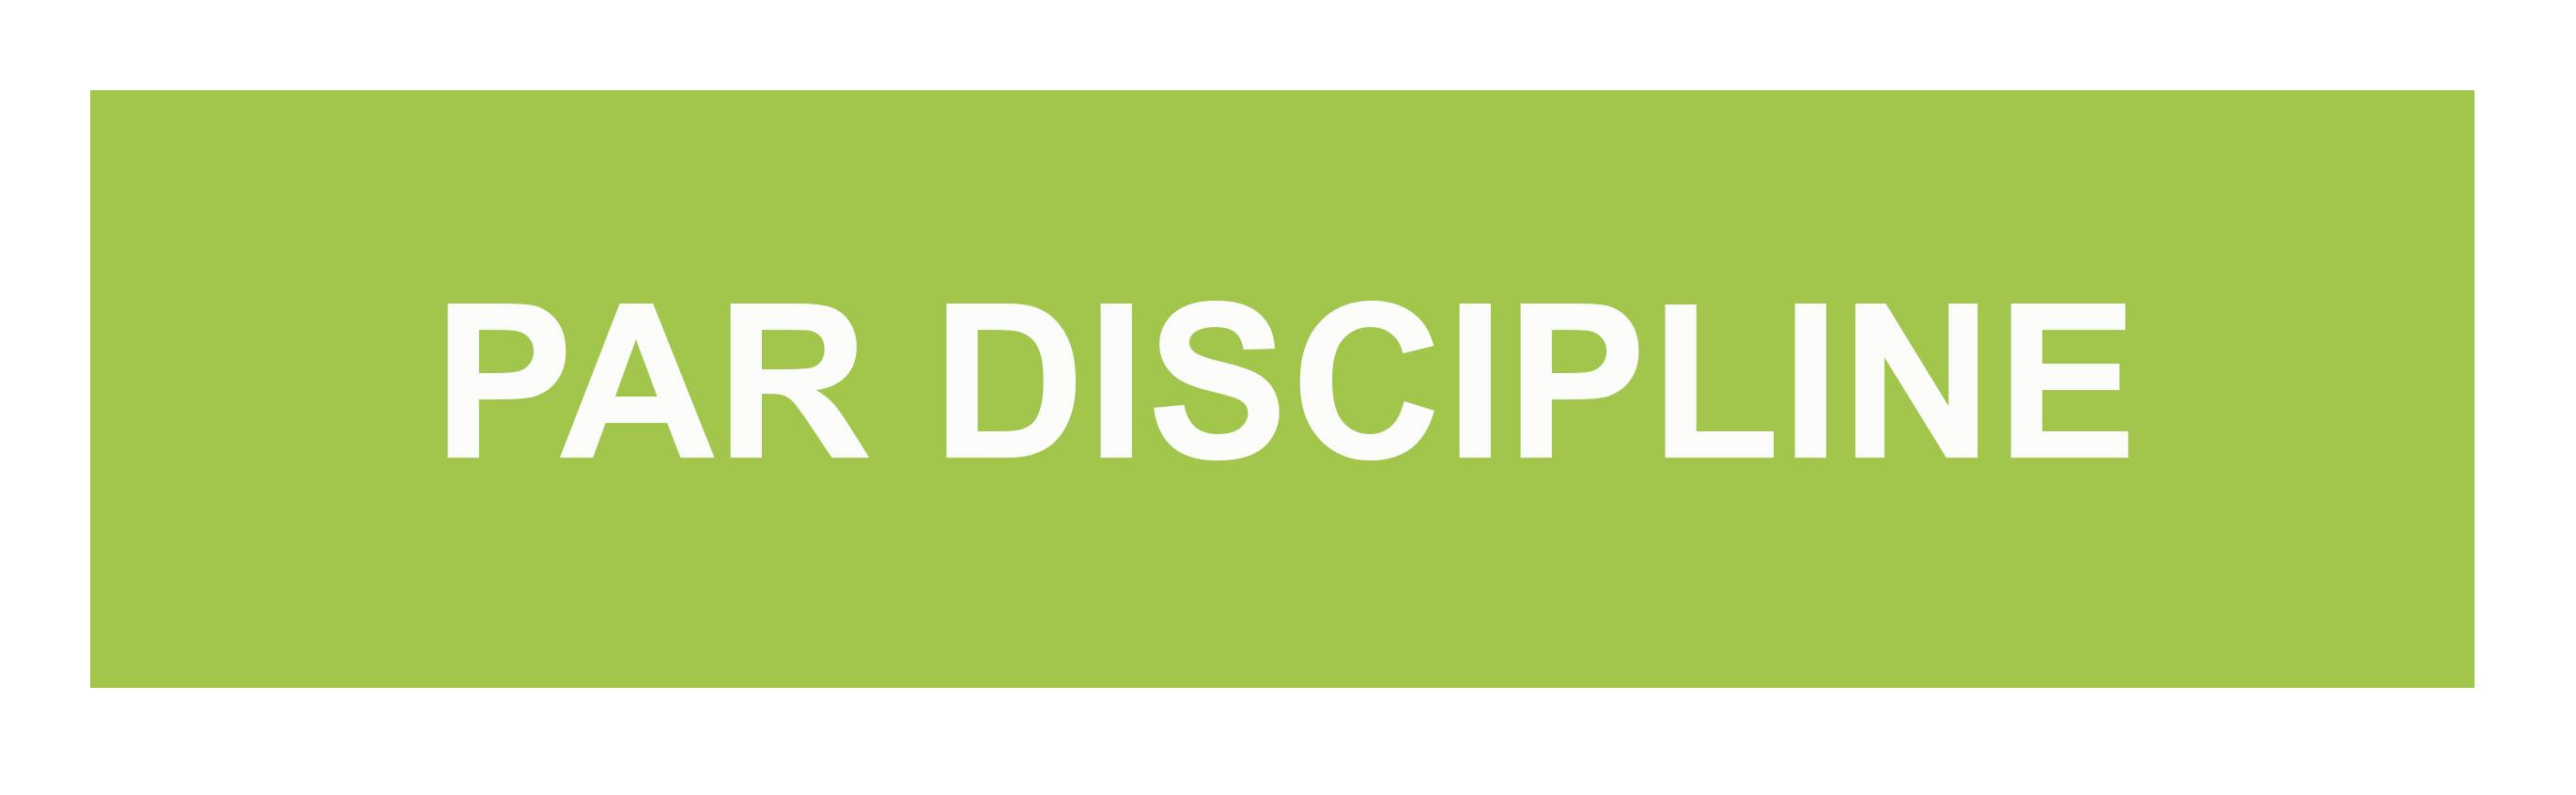 Par_discipline